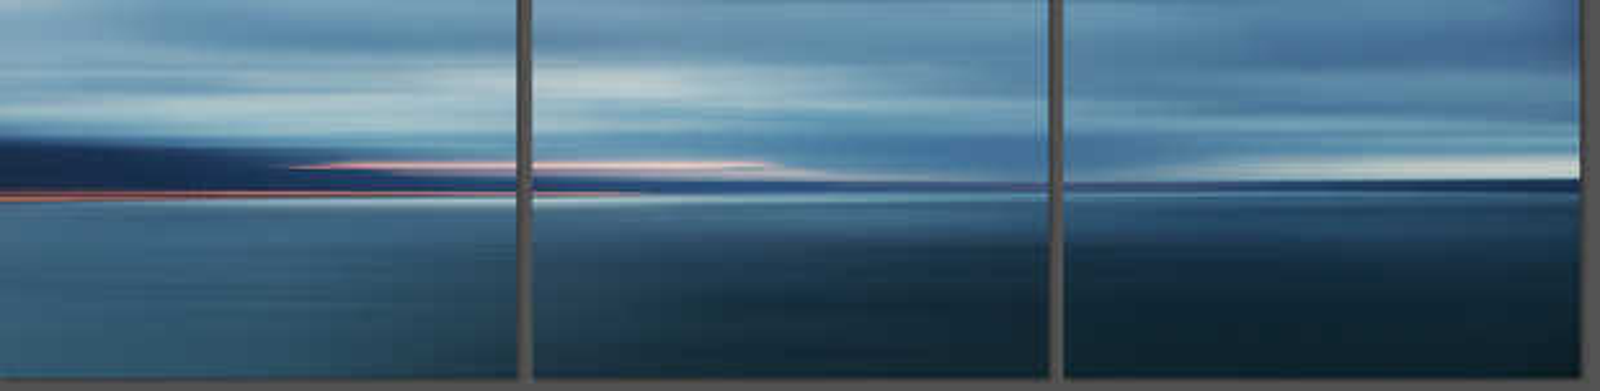 Anglesey - Josh Von Staudach